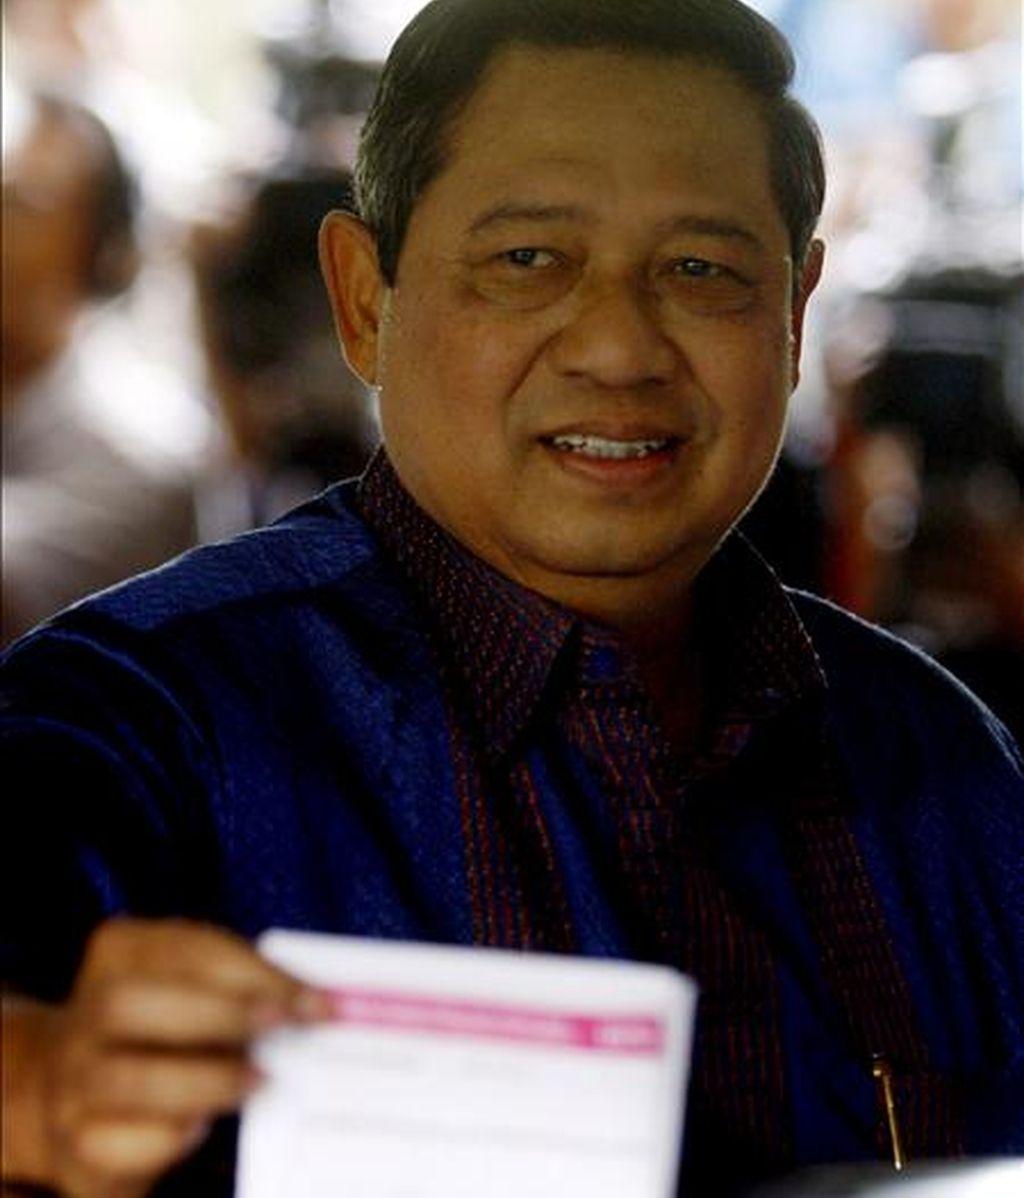 El presidente de Indonesia, Susilo Bambang Yudhoyono, deposita ayer su voto en la urna de un centro electoral en Cikeas, isla de Java, Indonesia. EFE